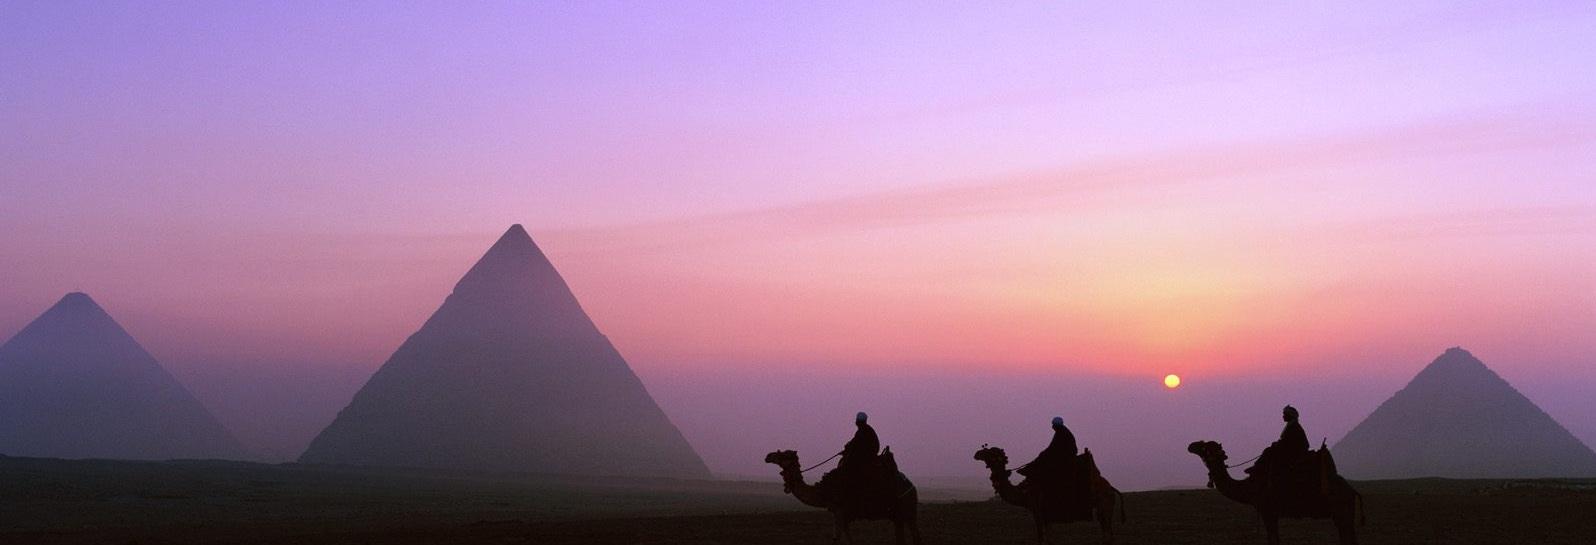 egypt portada